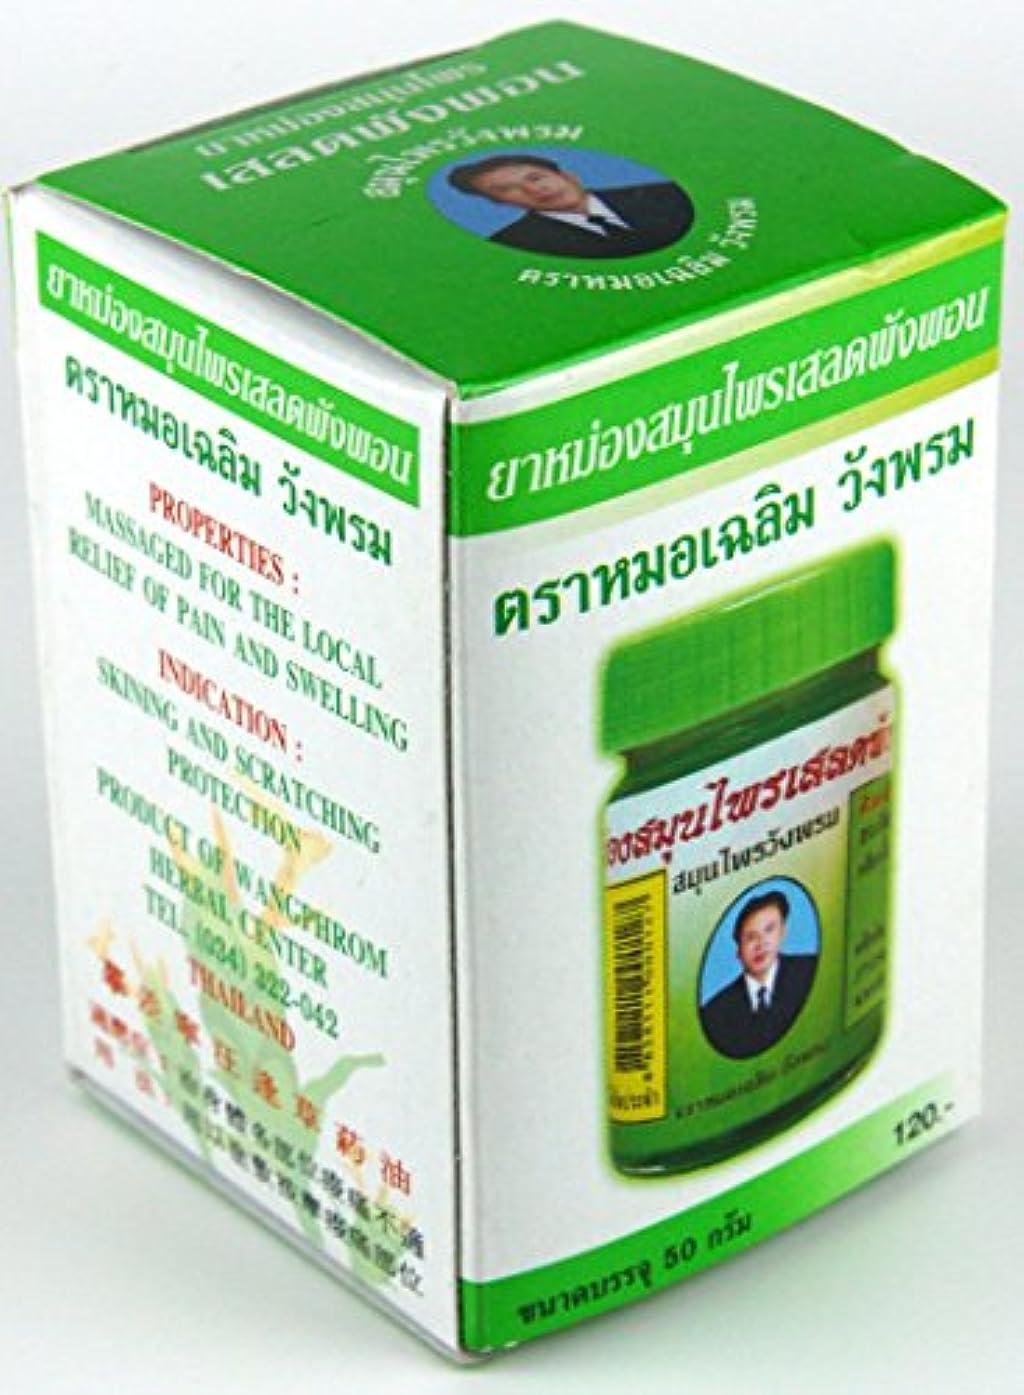 高速道路せがむ入り口マッサージバーム タイの緑色の軟膏 スースーする軟膏 おじさんの顔の軟膏 中瓶 内容量50ml